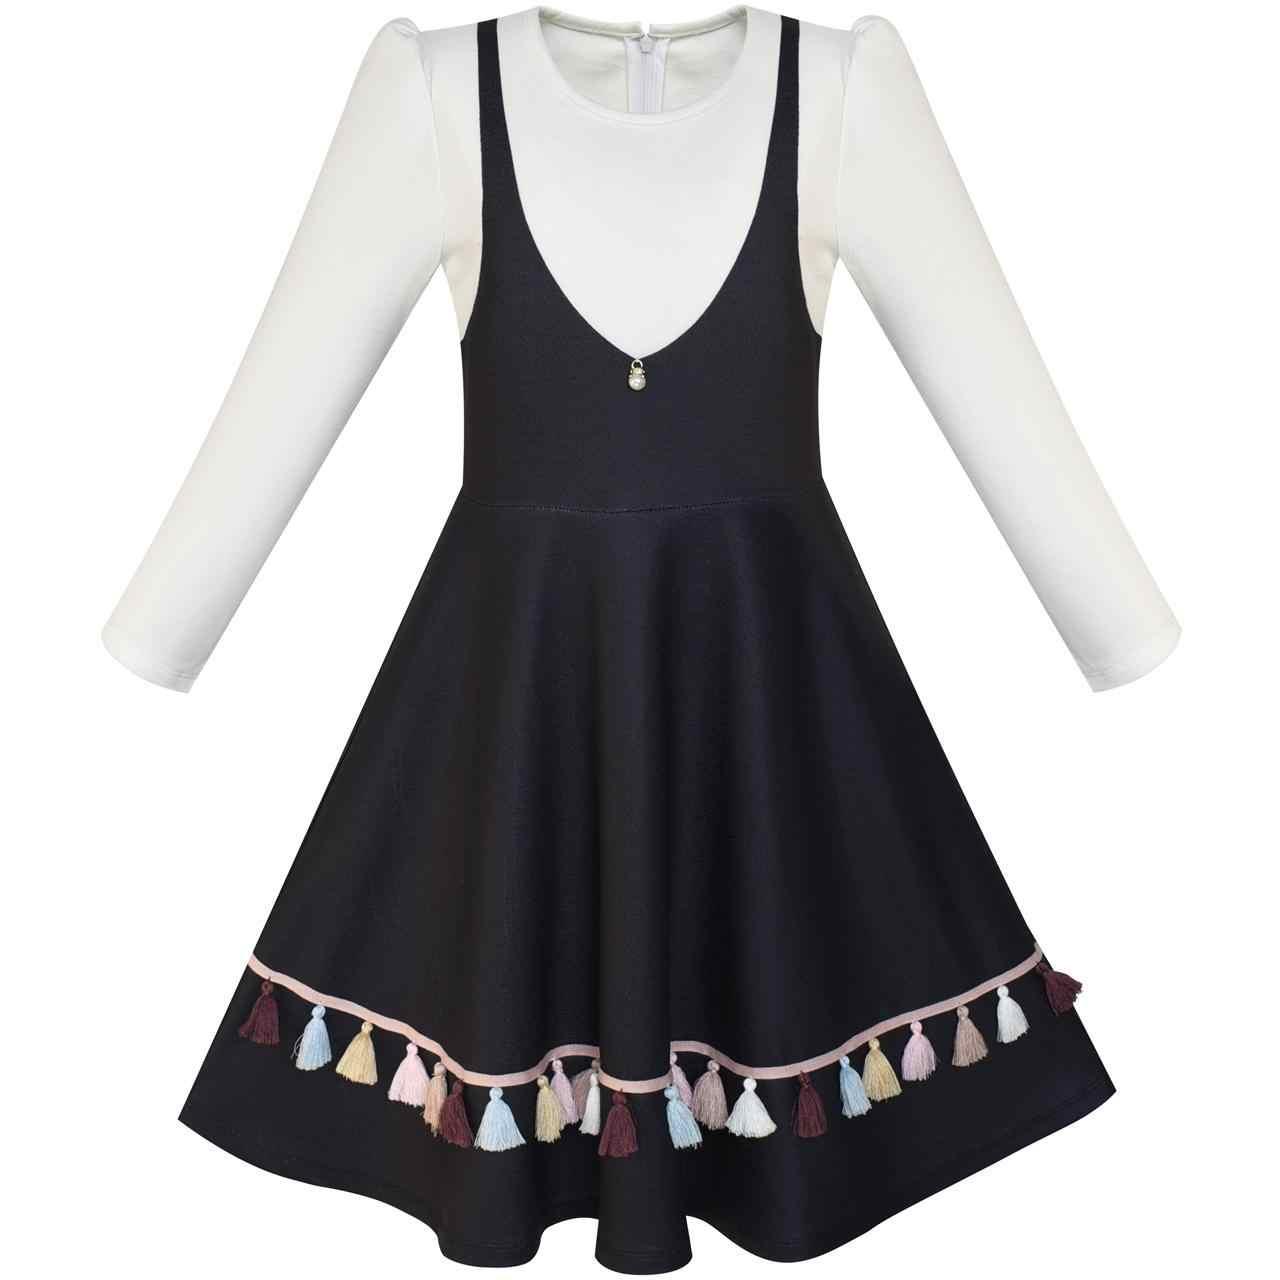 Sunny Fashion платья для девочек 2-в-1 Школьная форма Длинный рукав Черный кисточка